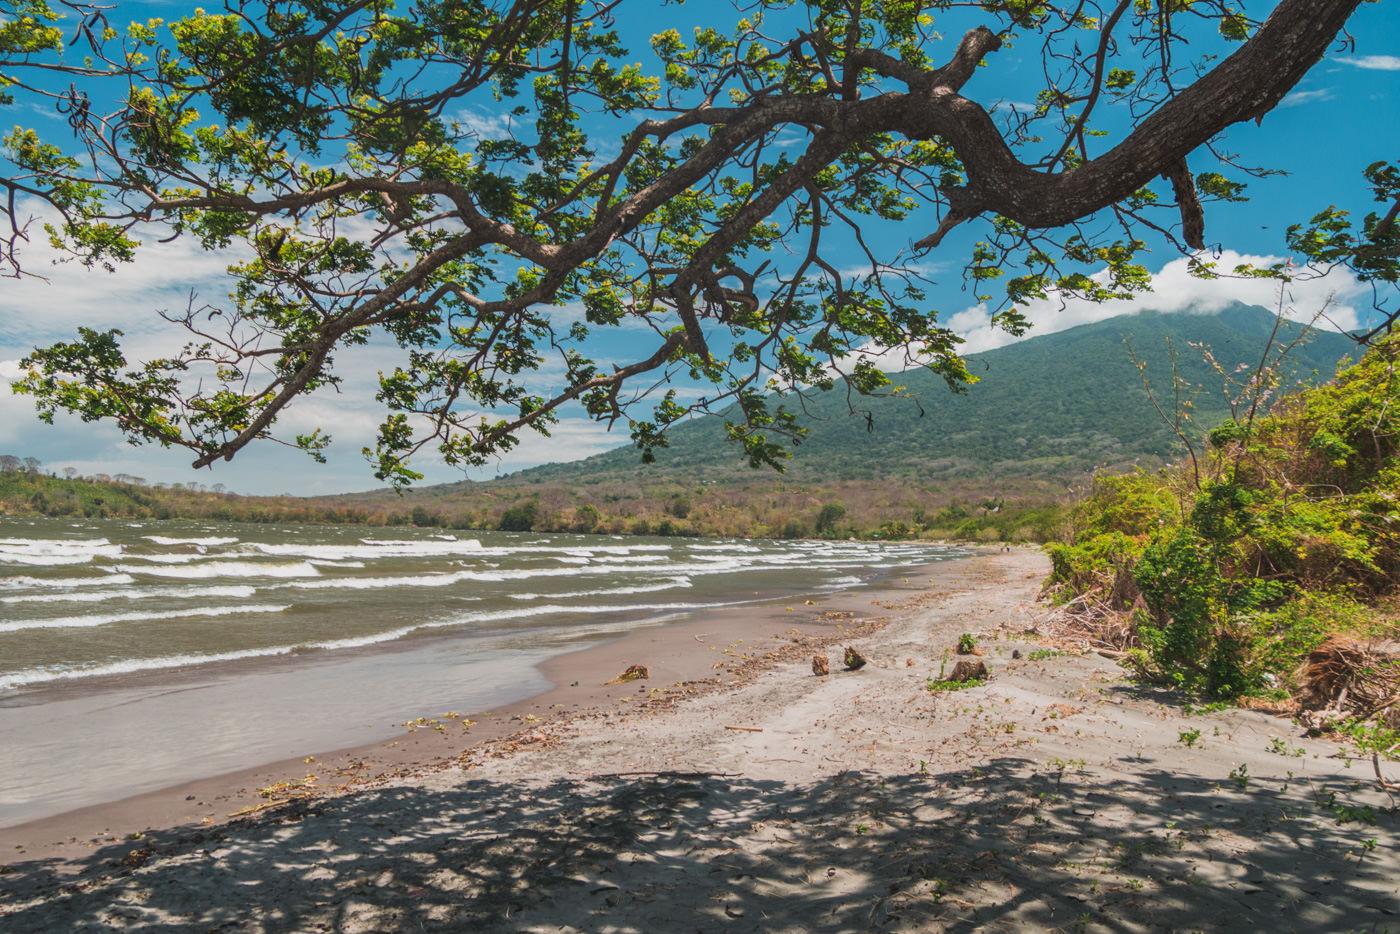 Strand mit Blick auf den Vulkan Maderas auf der Insel Ometepe